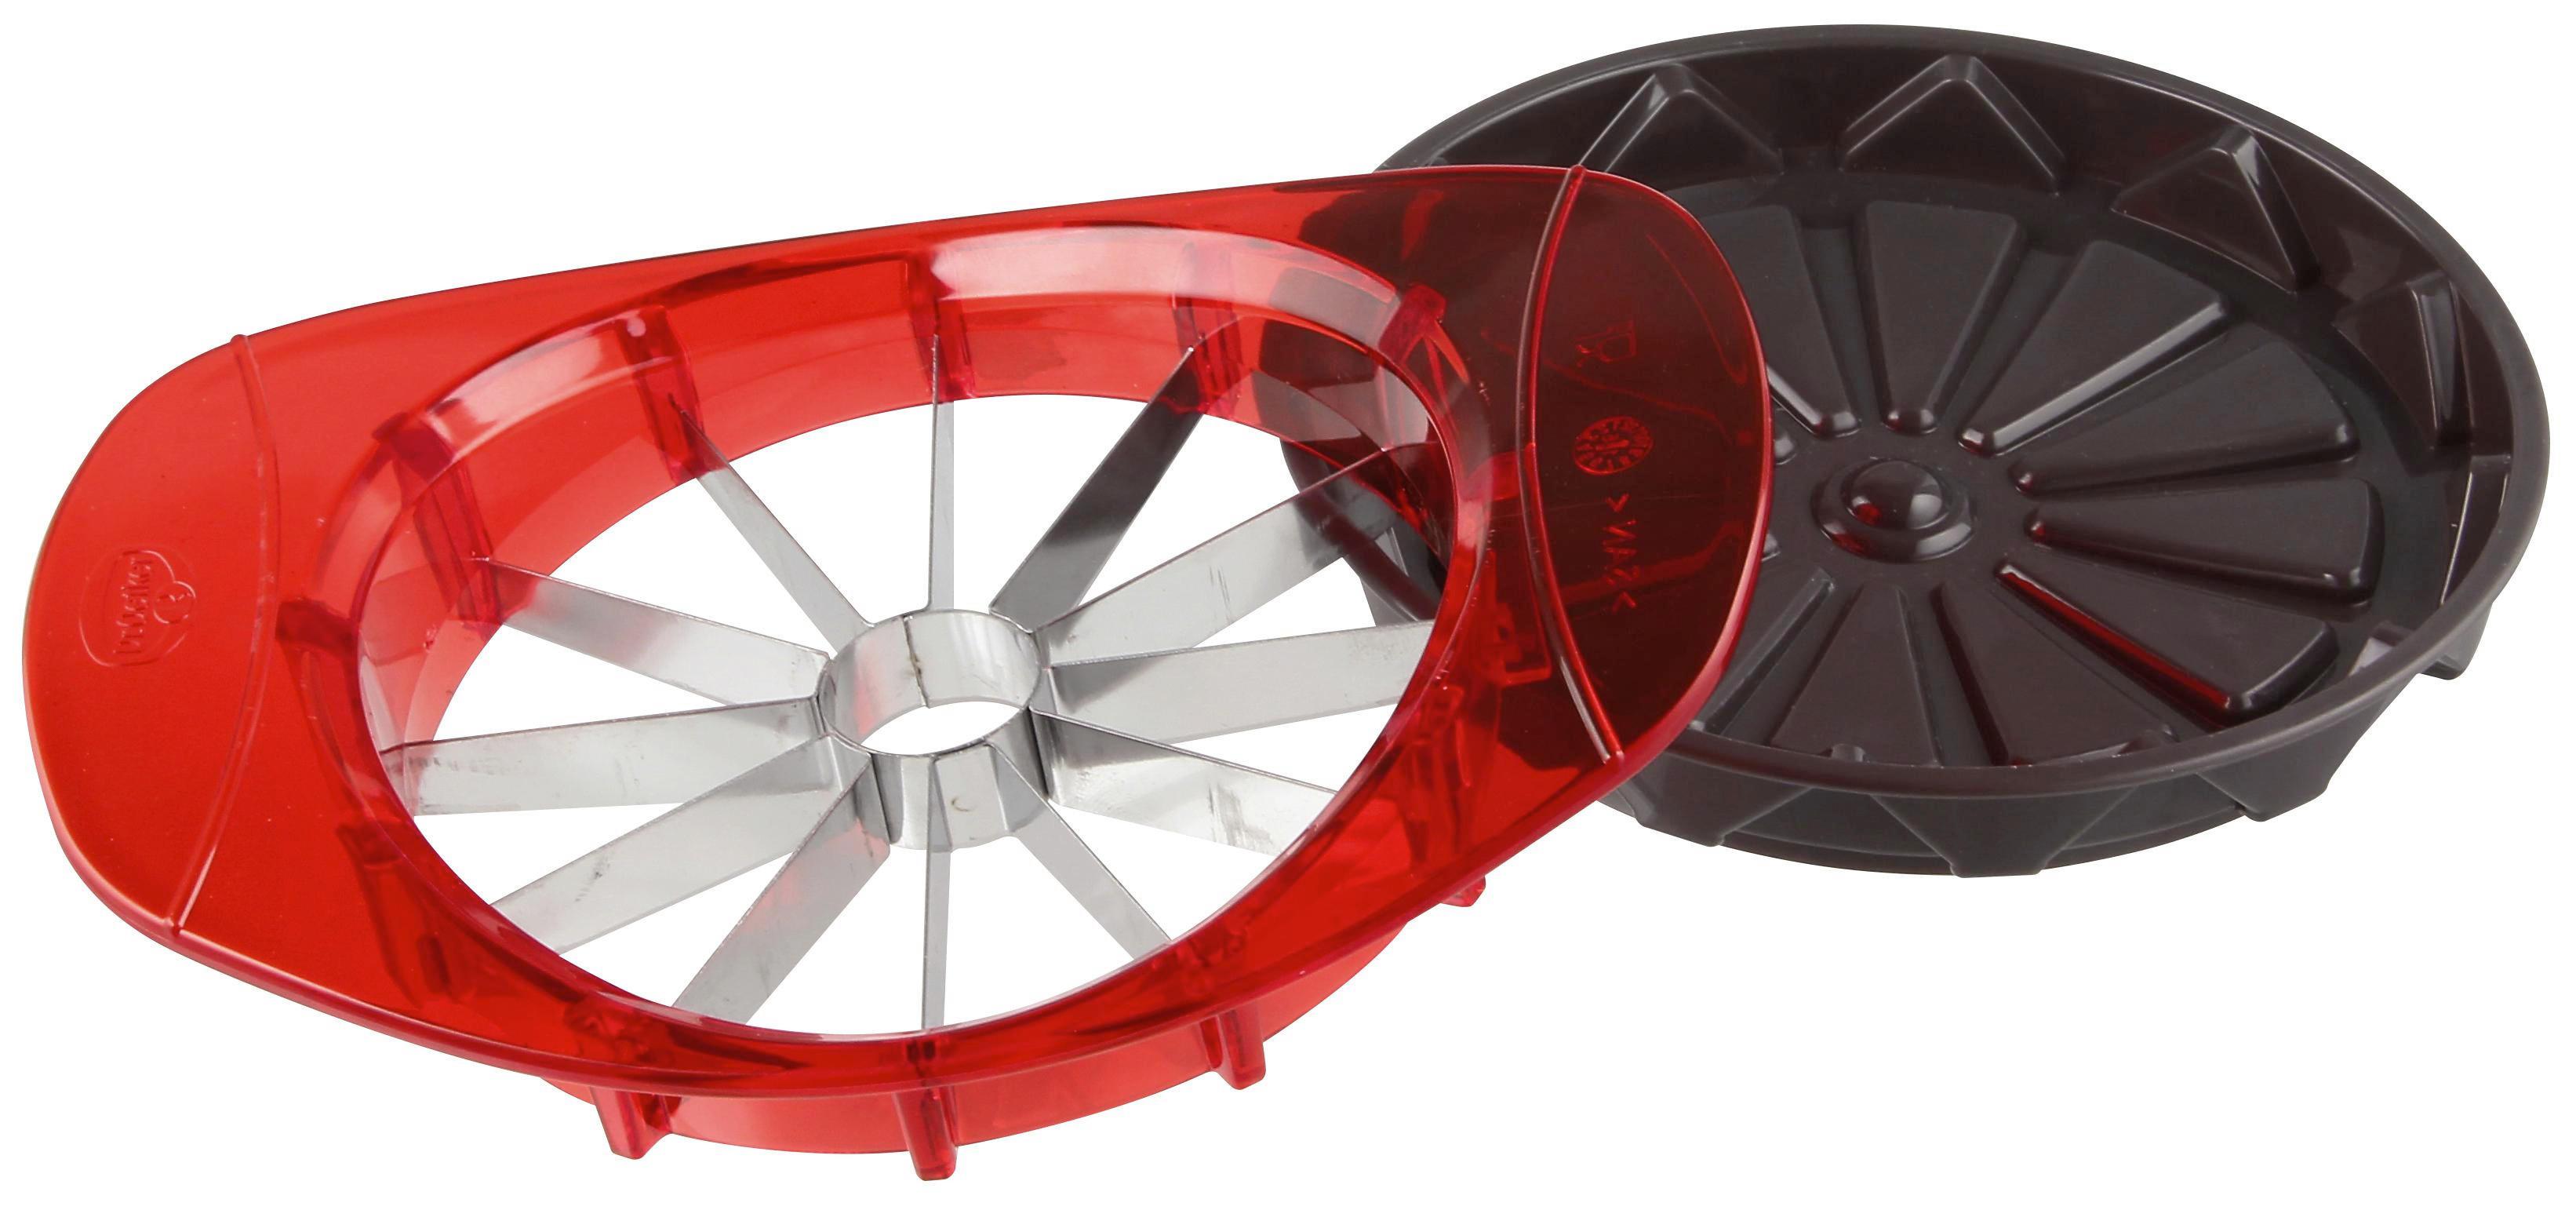 APFELTEILER - Rot/Silberfarben, Kunststoff/Metall (14/18/4cm) - DR.OETKER